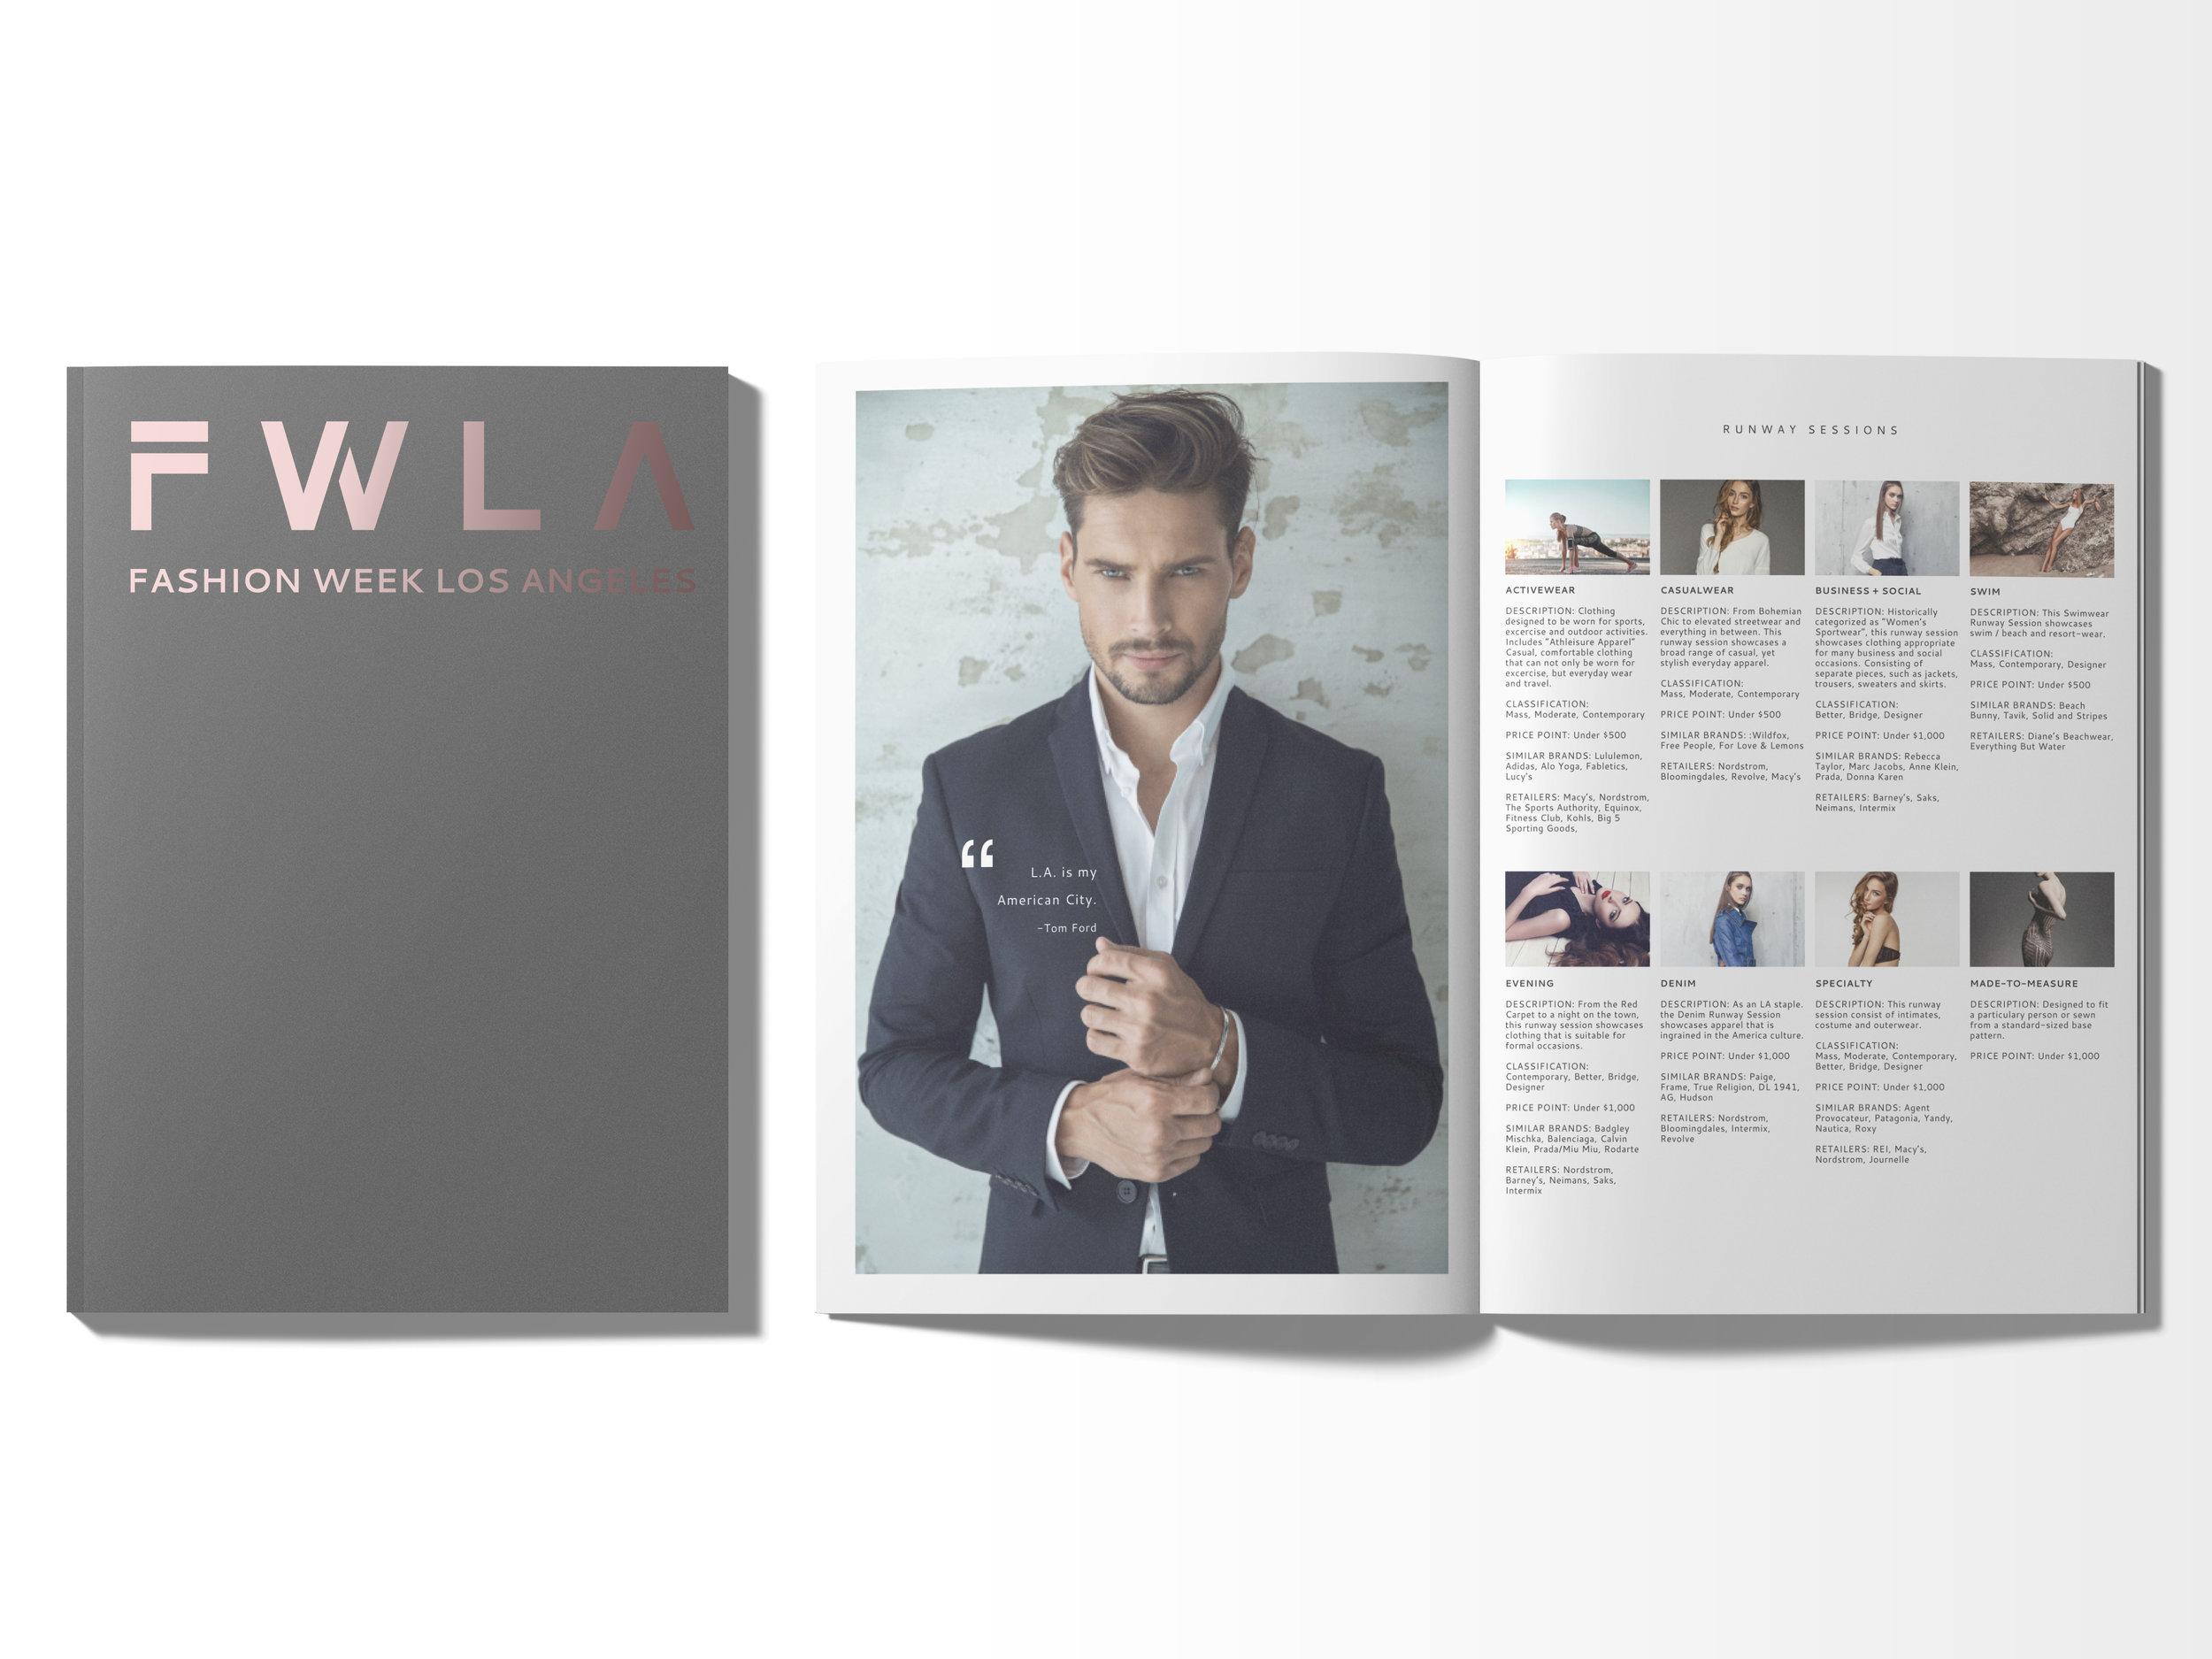 FWLA_Designer_Guide_002.jpg